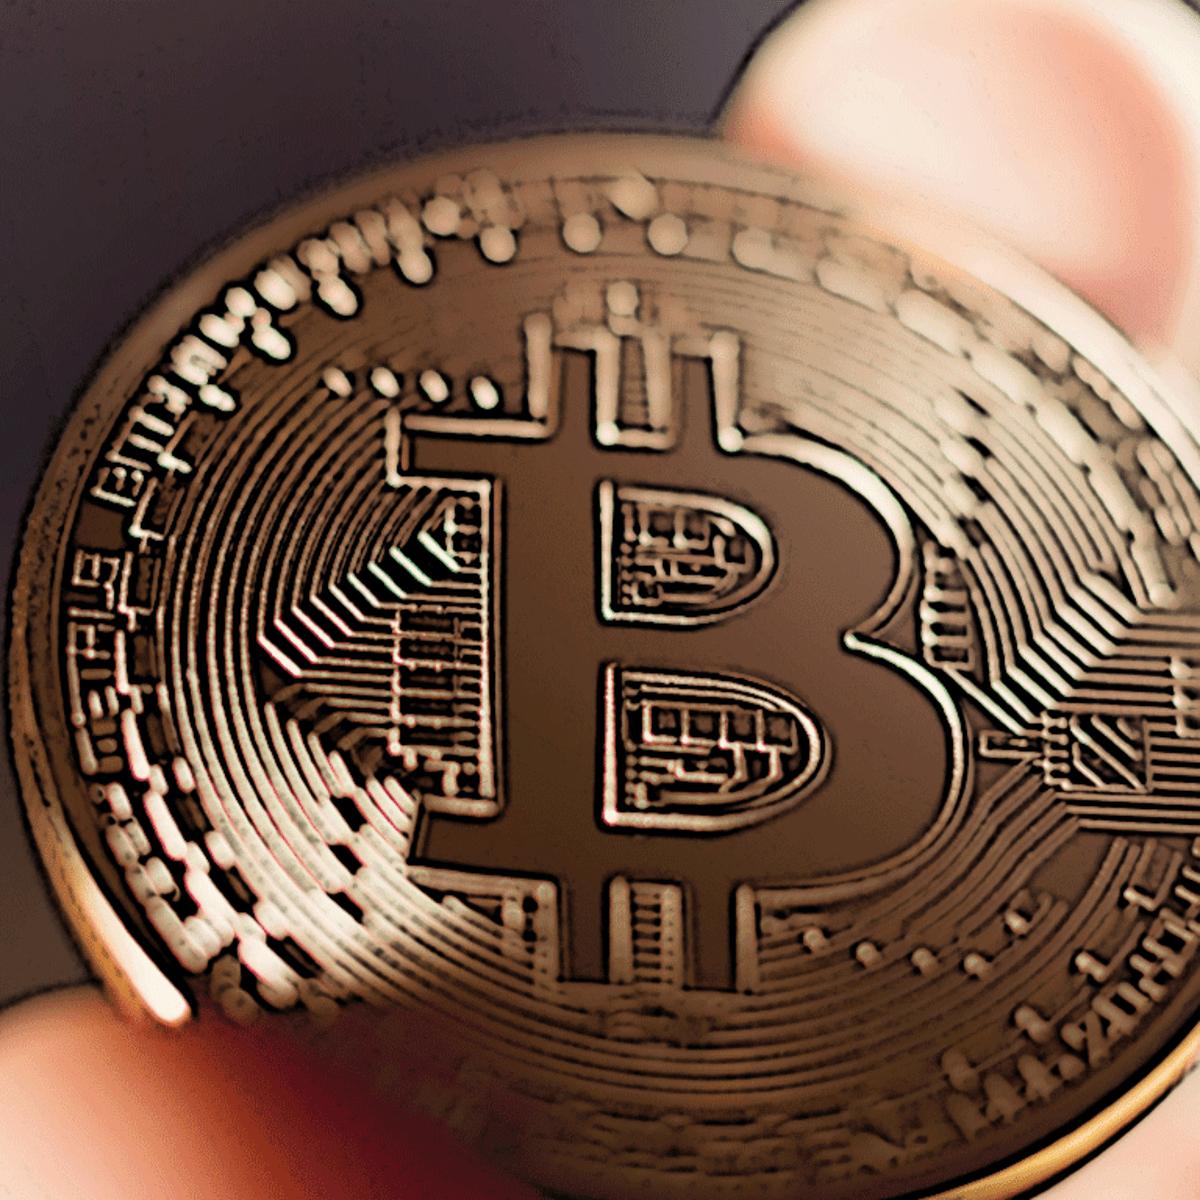 mit használhat a bitcoin)